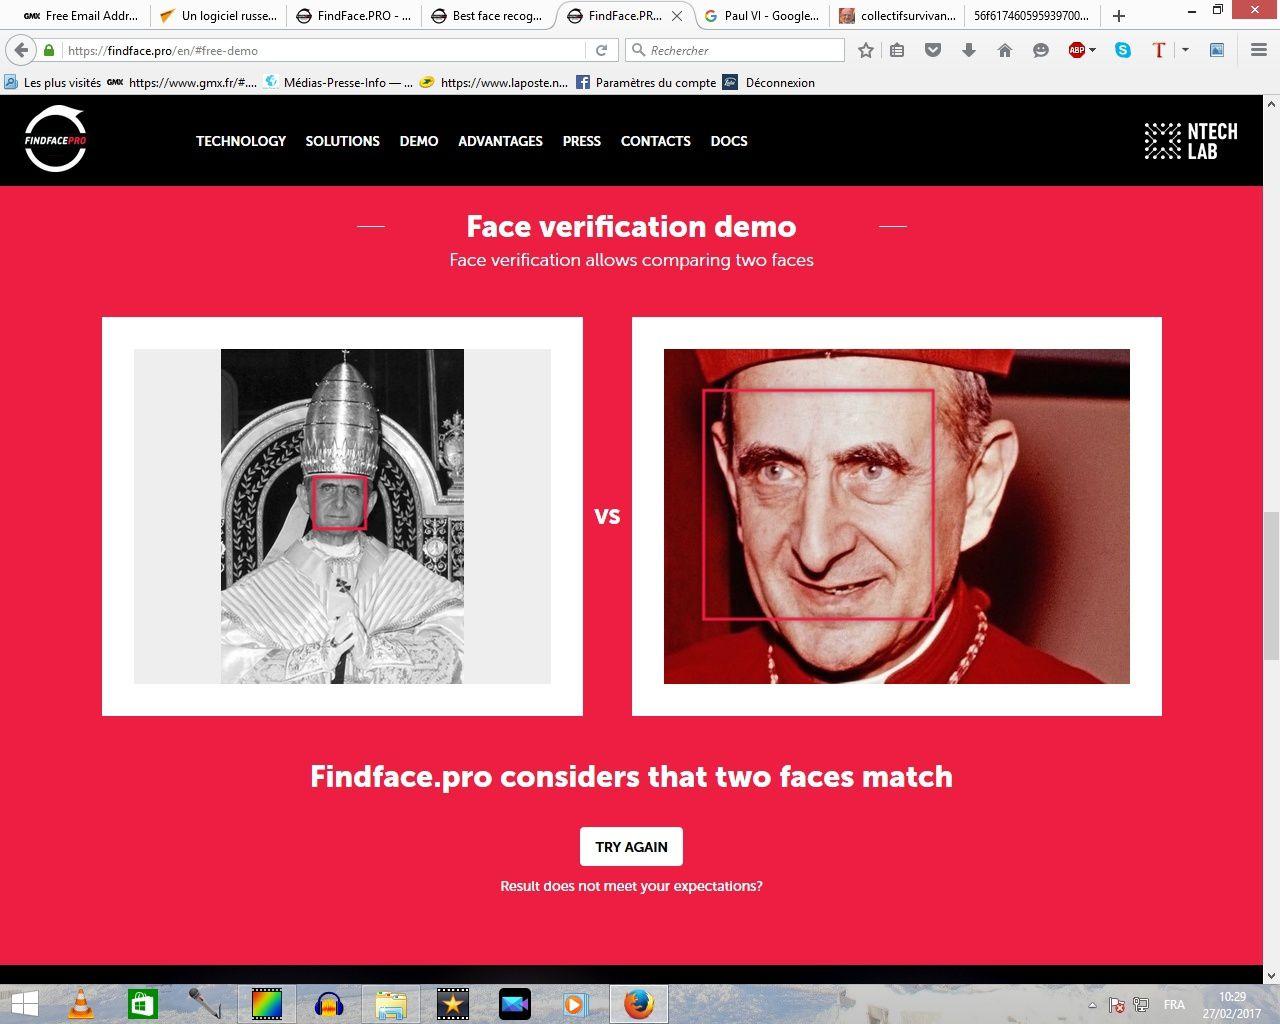 Deux photographies du vrai pape (Paul VI et le cardinal Montini)